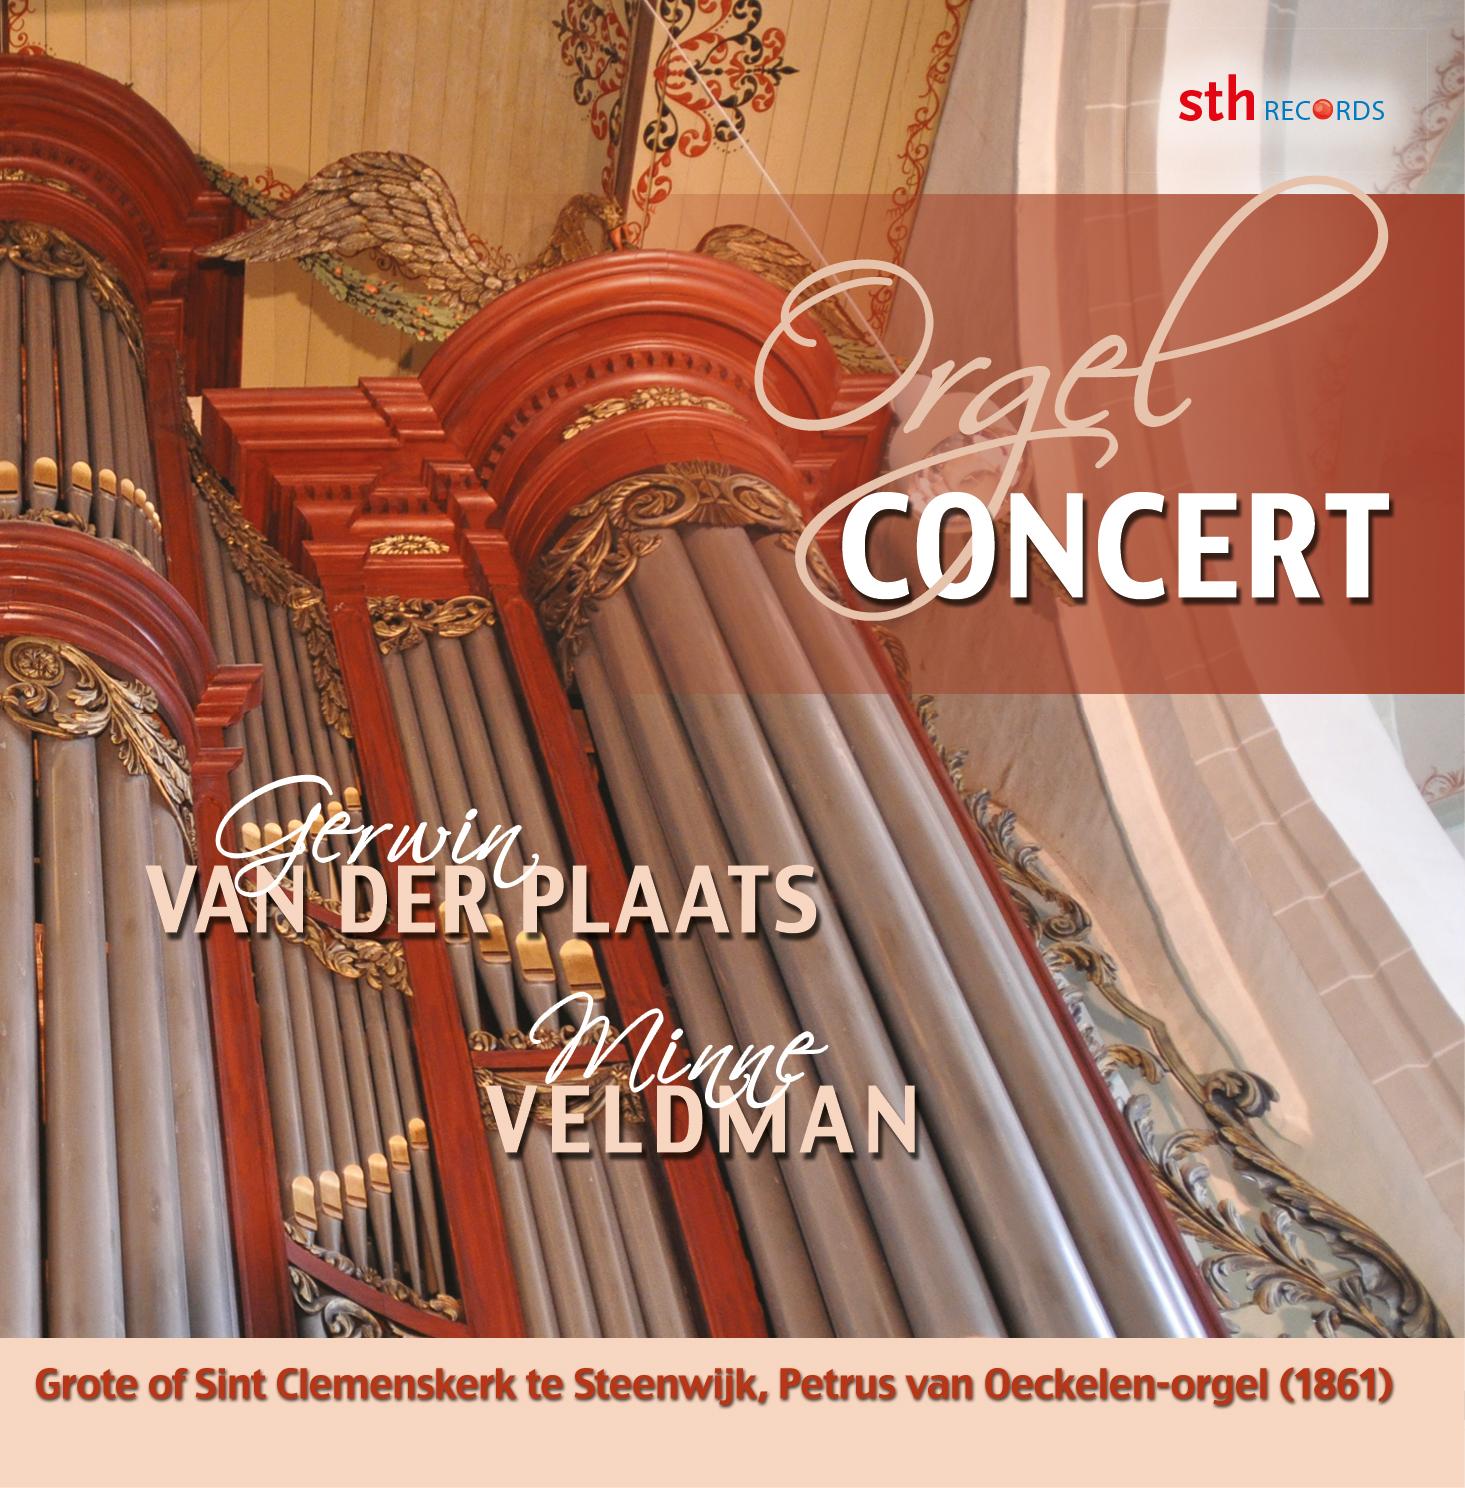 Steenwijk Van der Plaats & Veldman